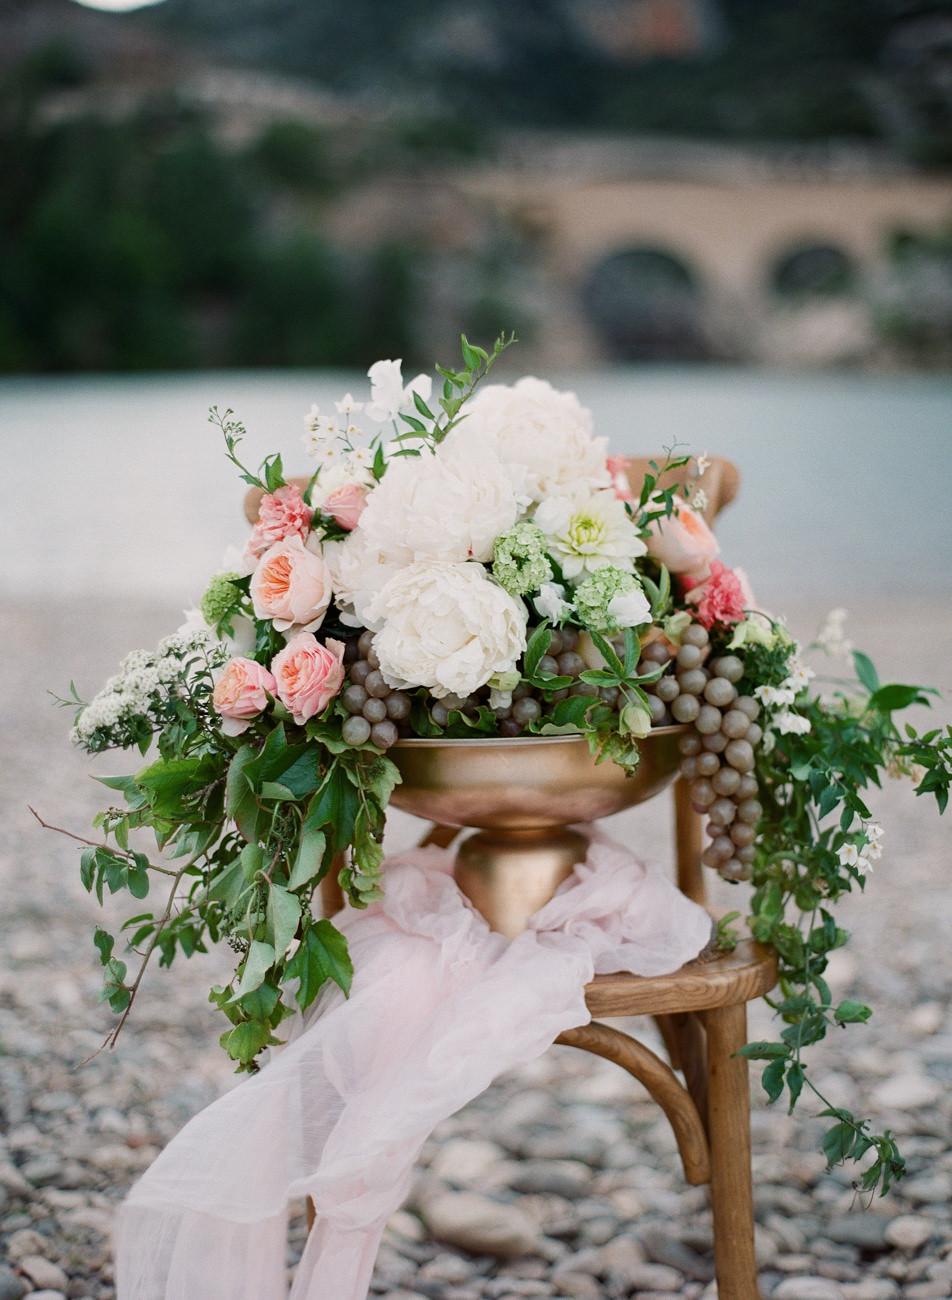 saint-guilhem-photographe-mariage-alain-m-25.jpg